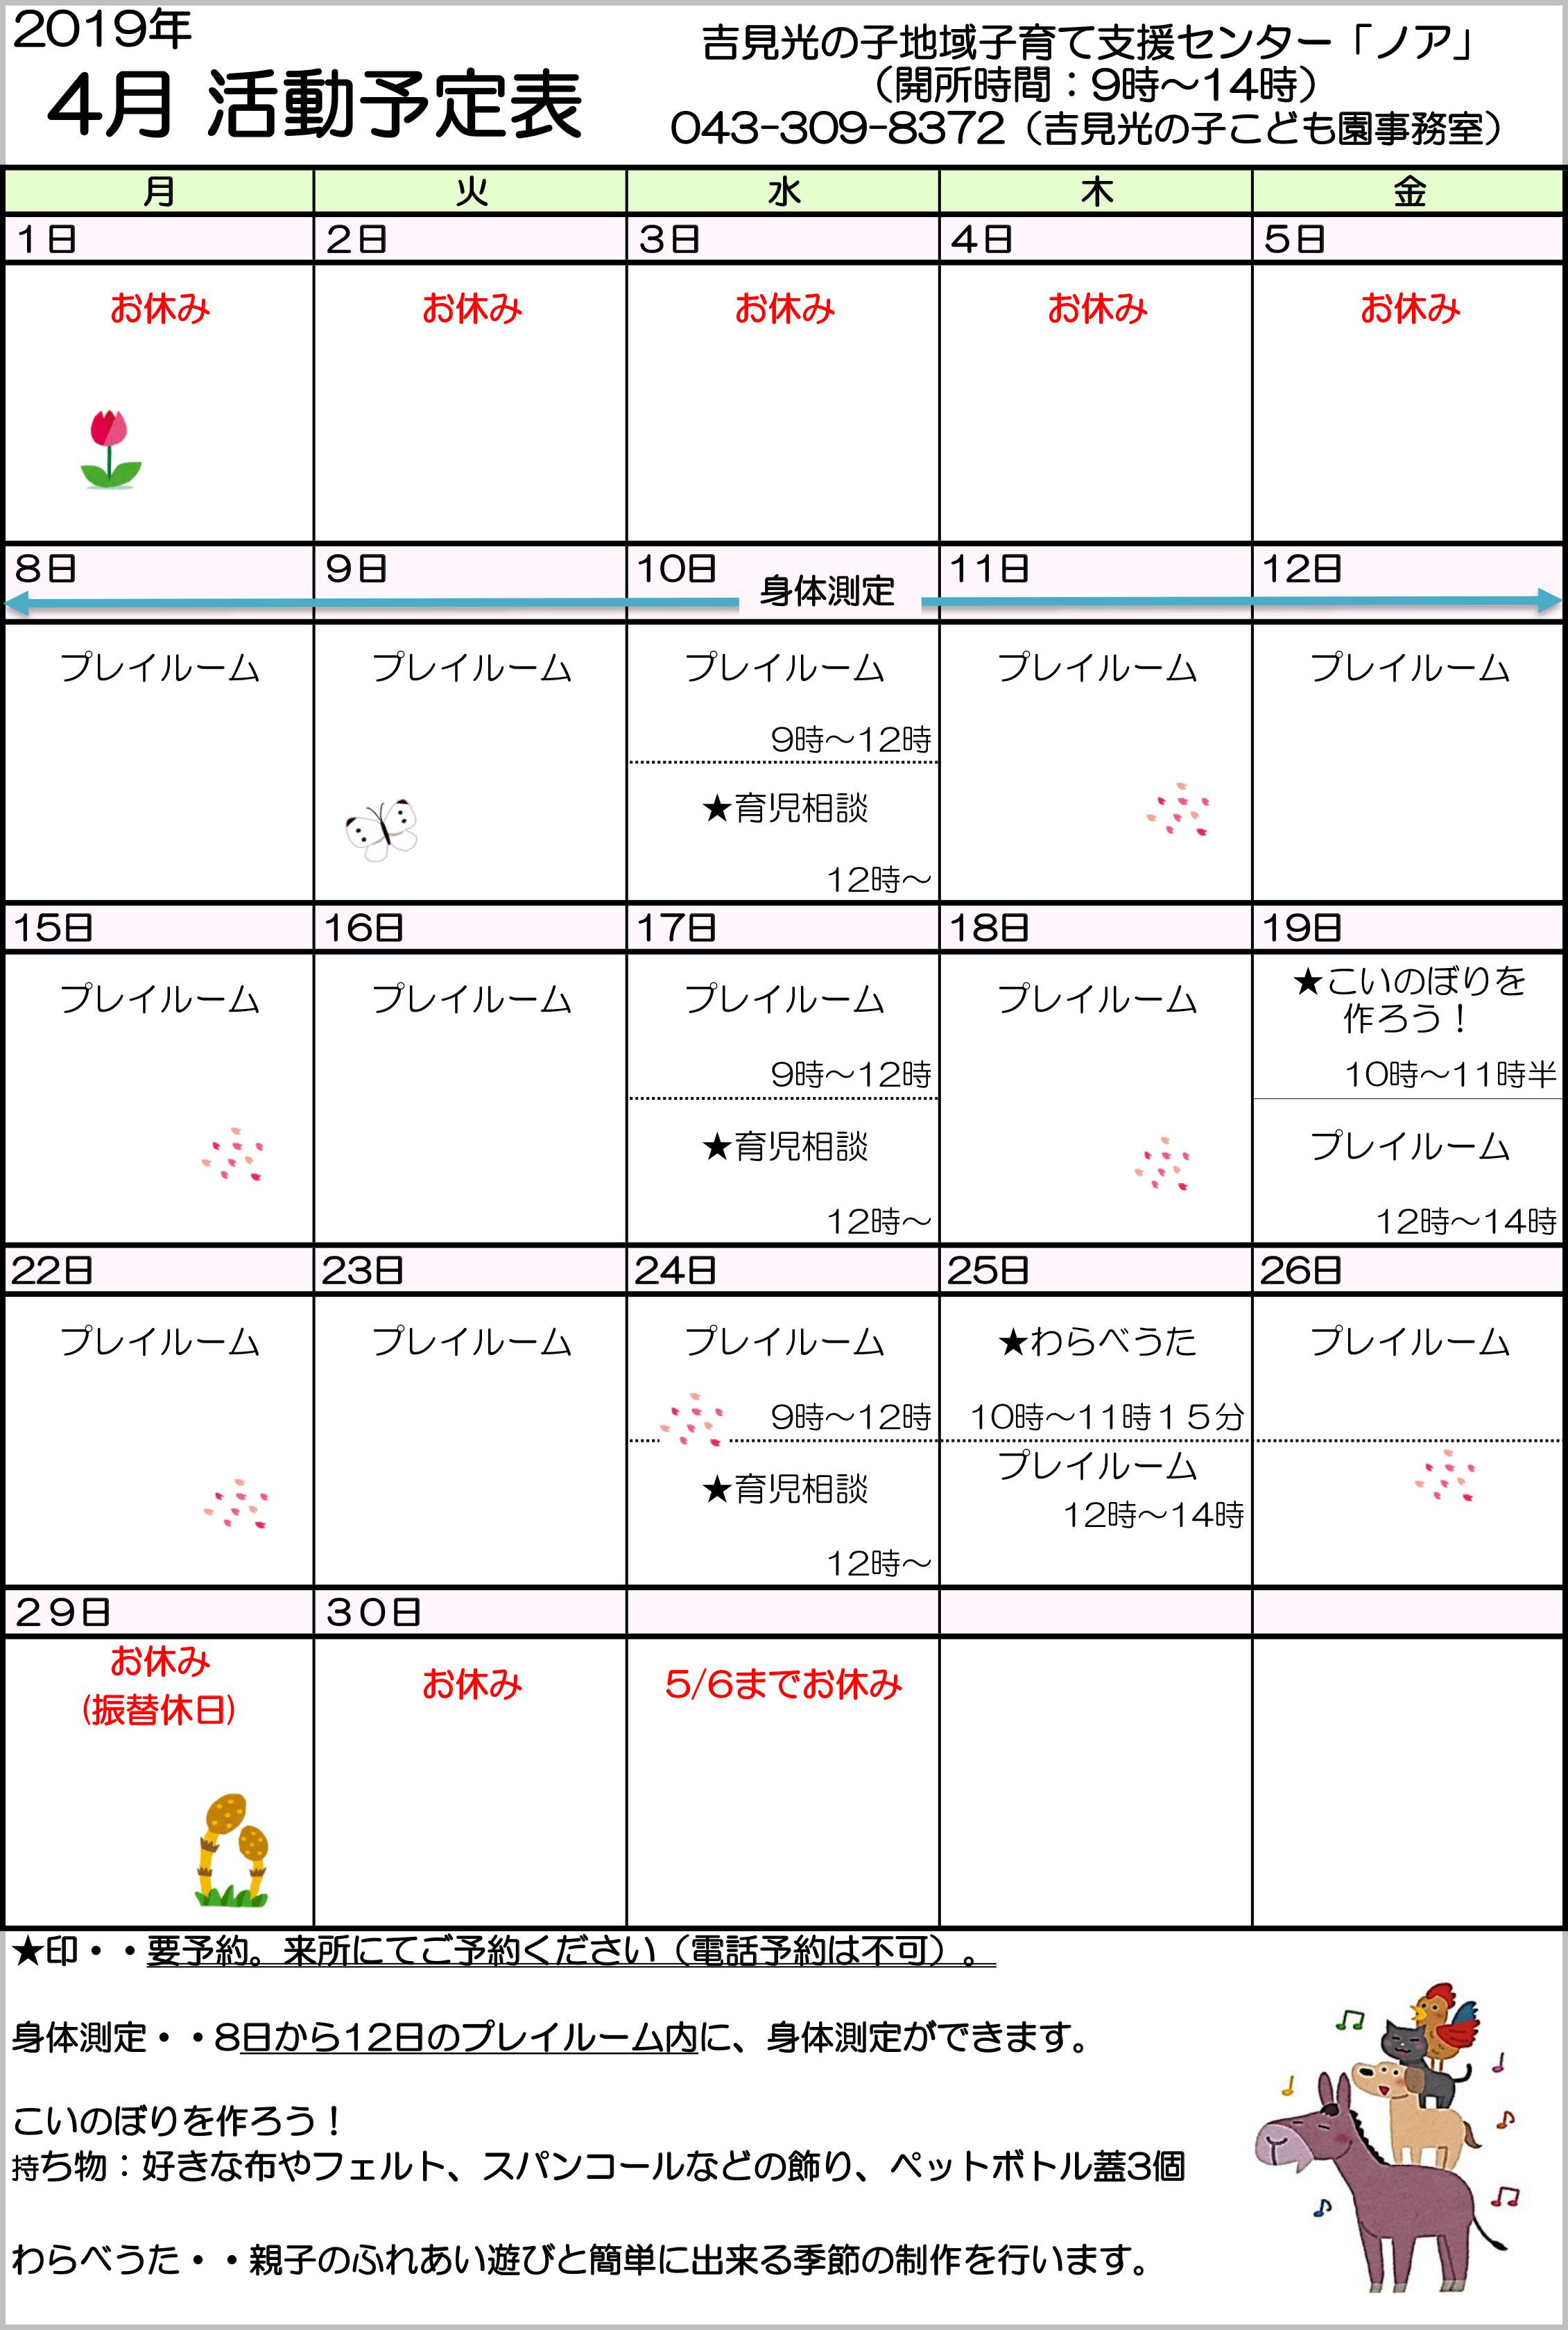 2019年4月ノア活動予定表